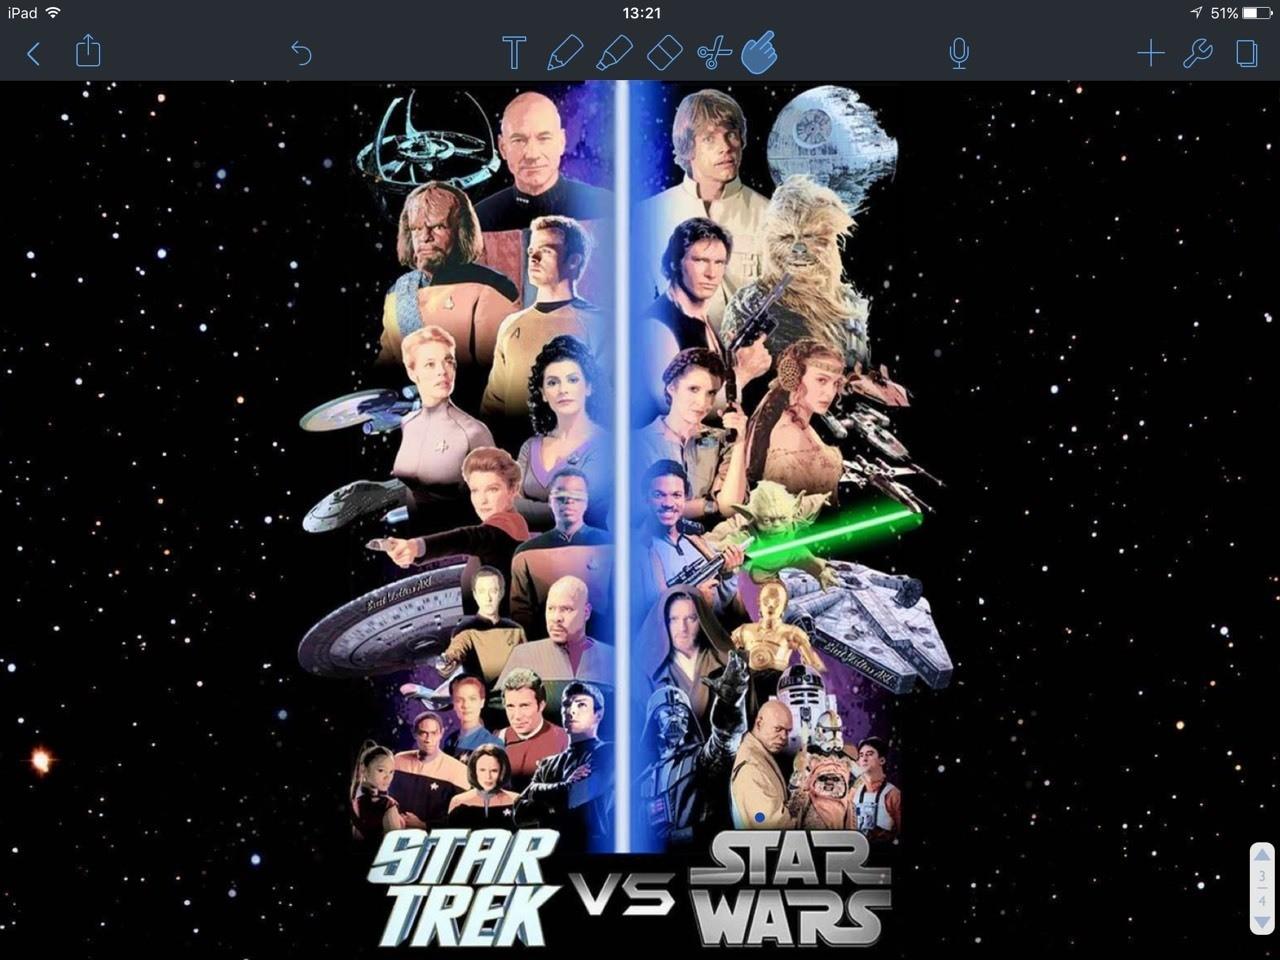 Debate: Star Wars or Star Trek?